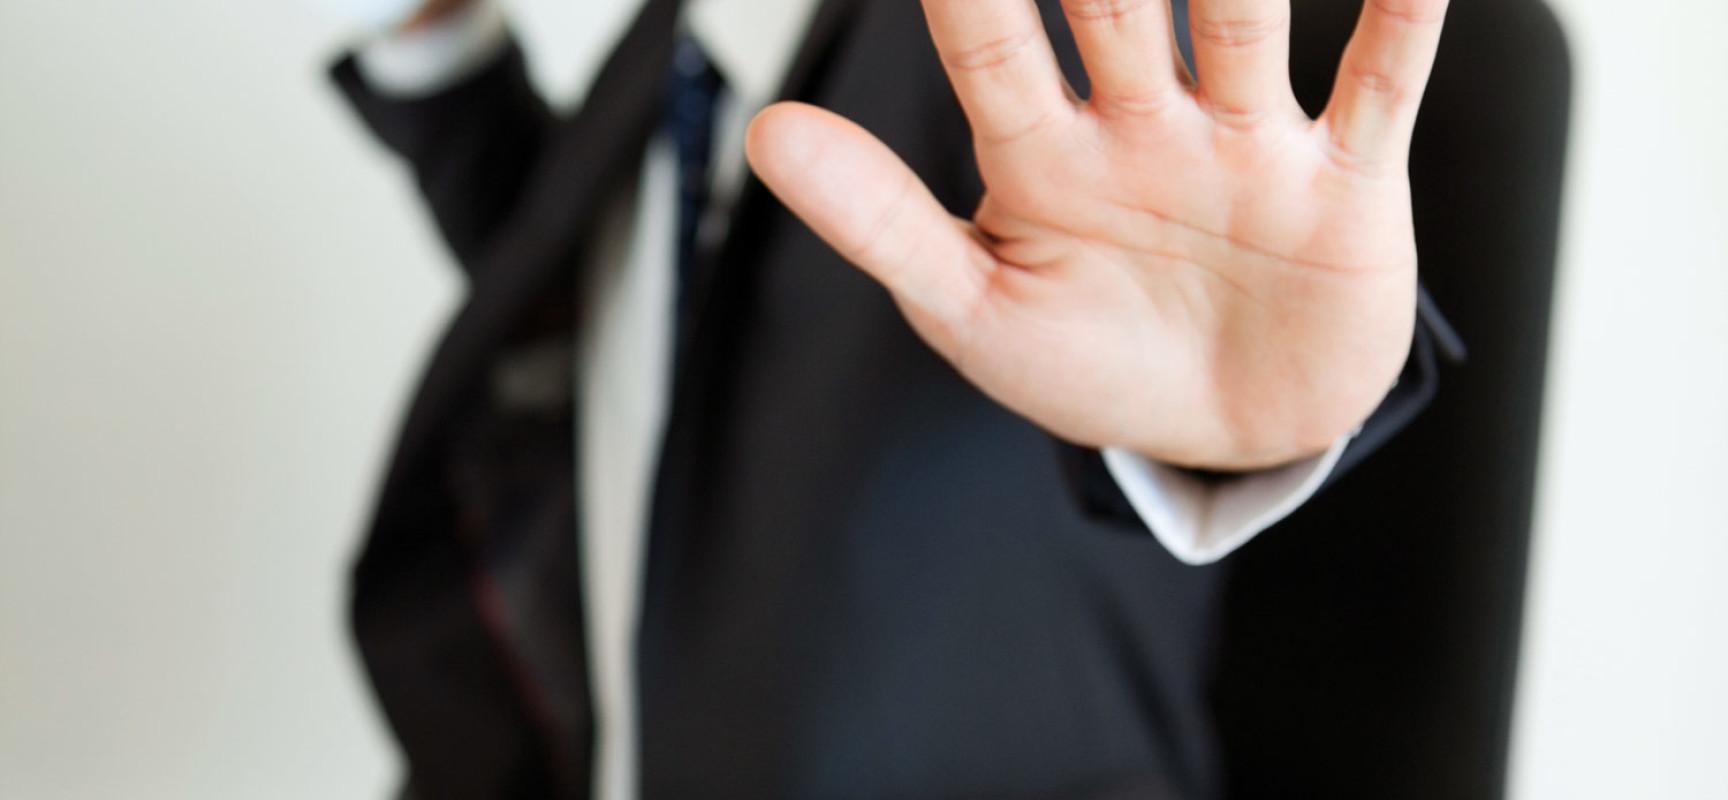 Как уволить сотрудника за отказ работать в новых условиях?